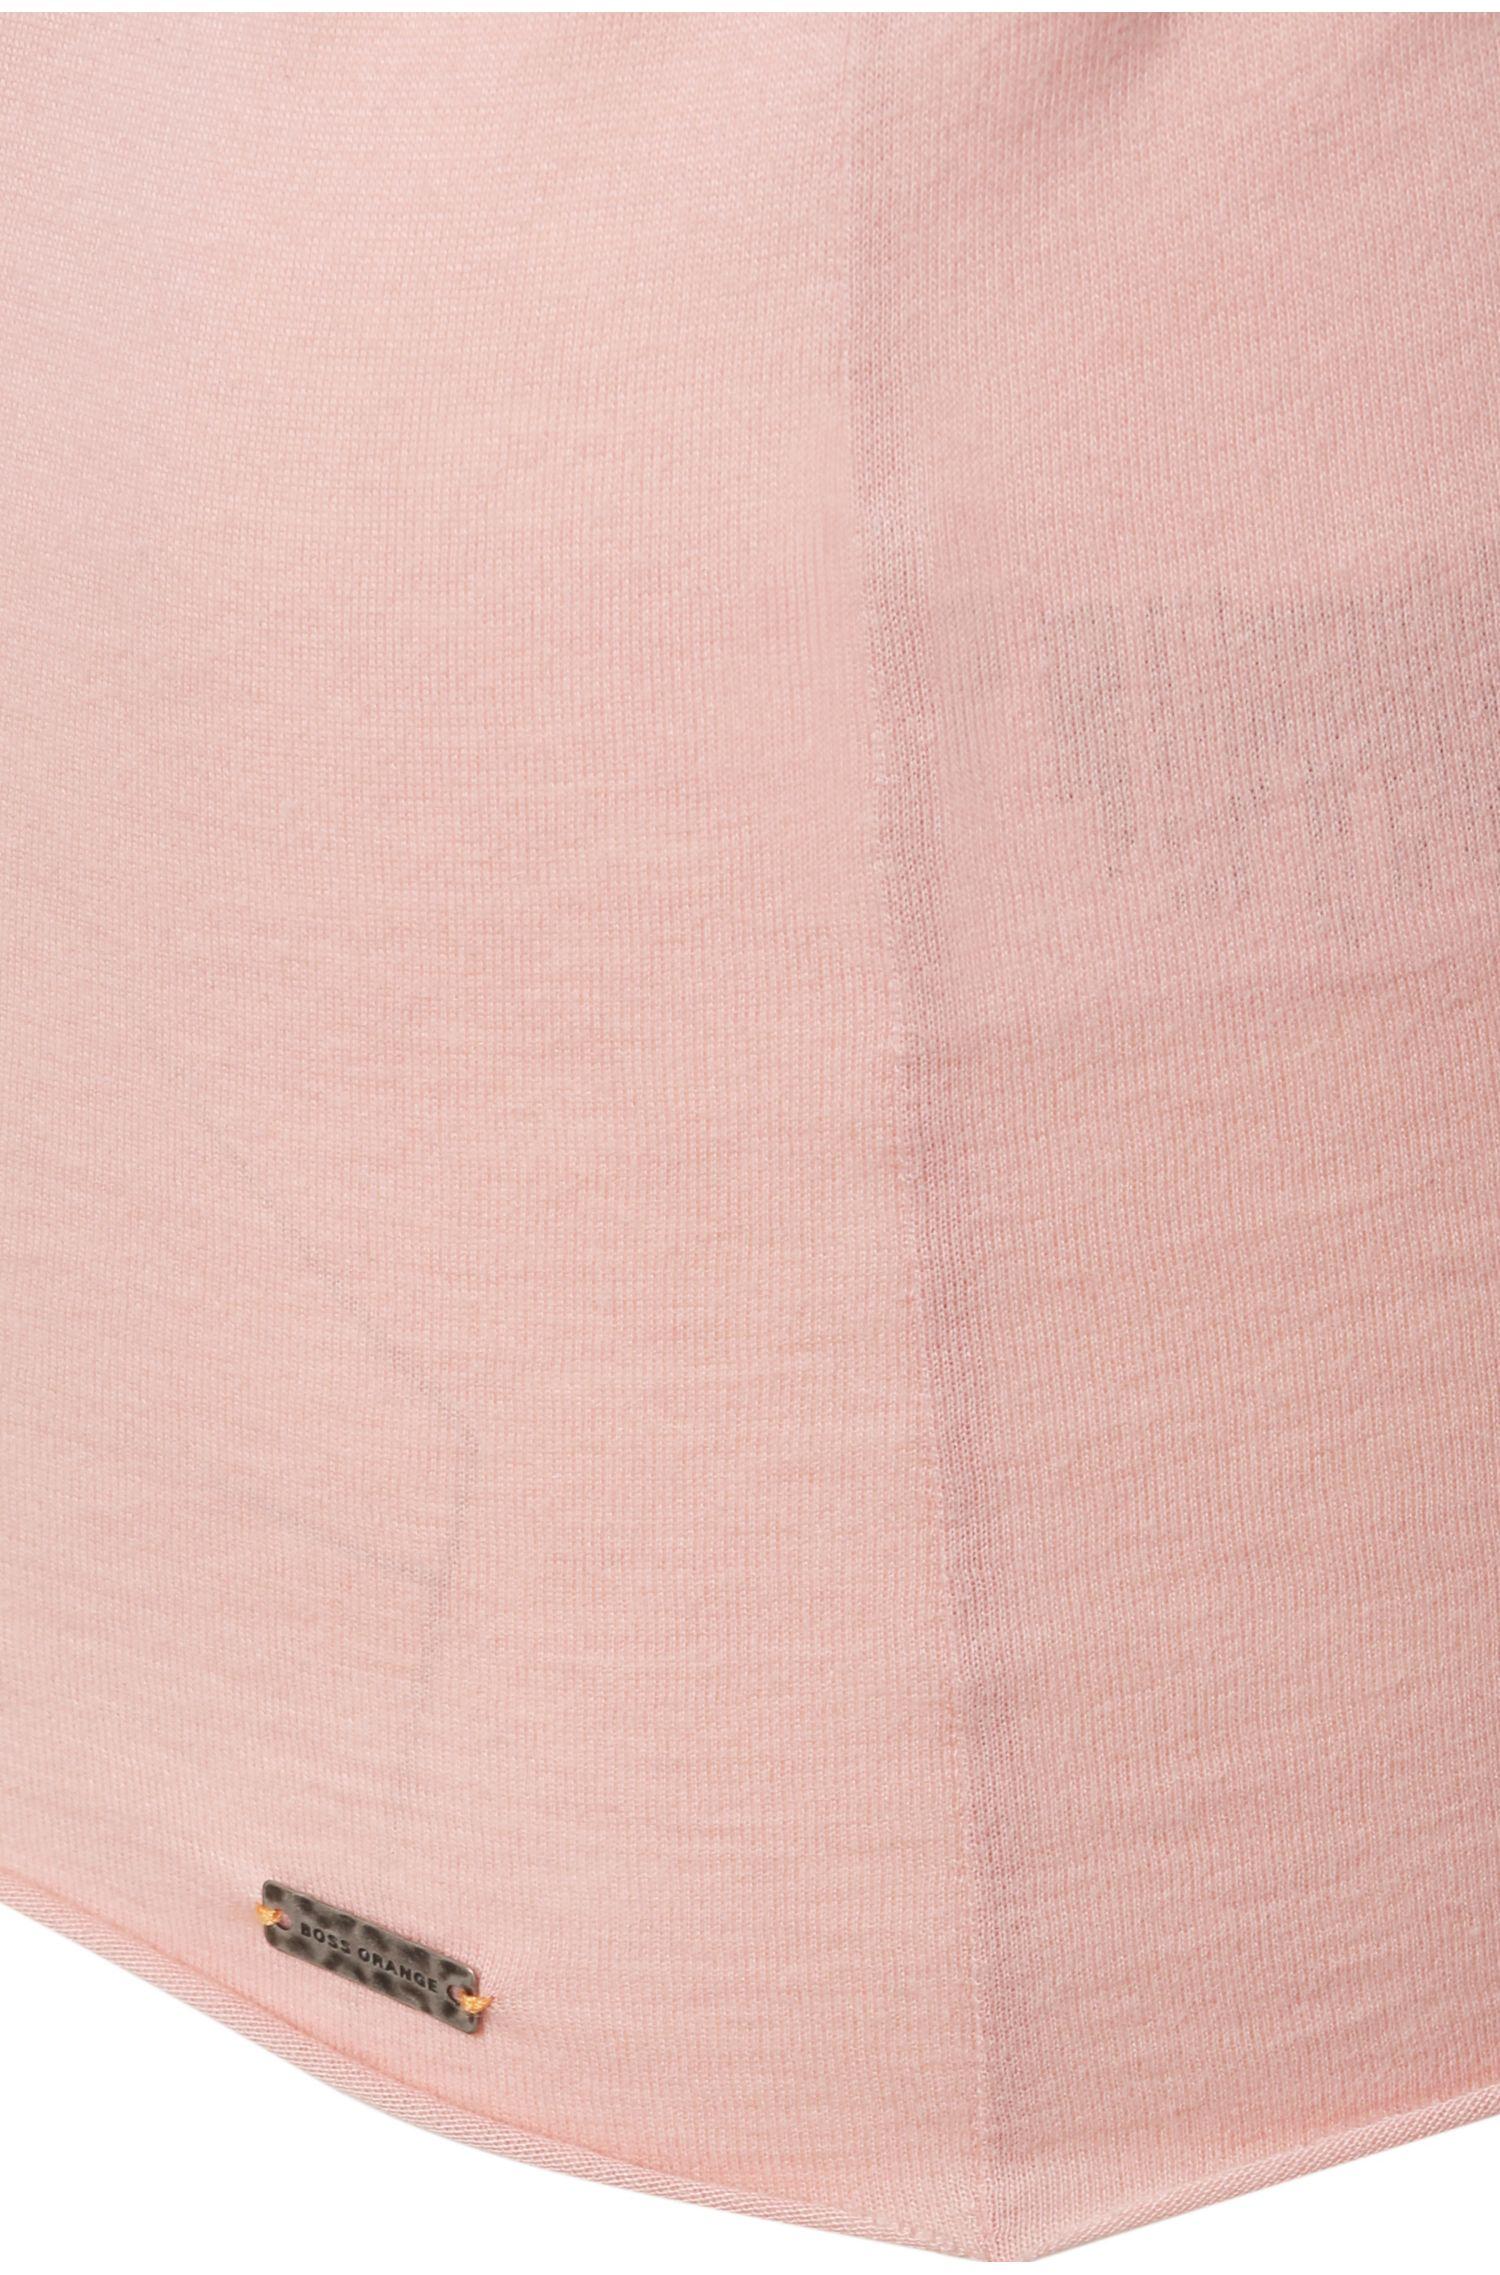 Slim-Fit Shirt aus Baumwoll-Mix mit Modal: ´Tasensation`